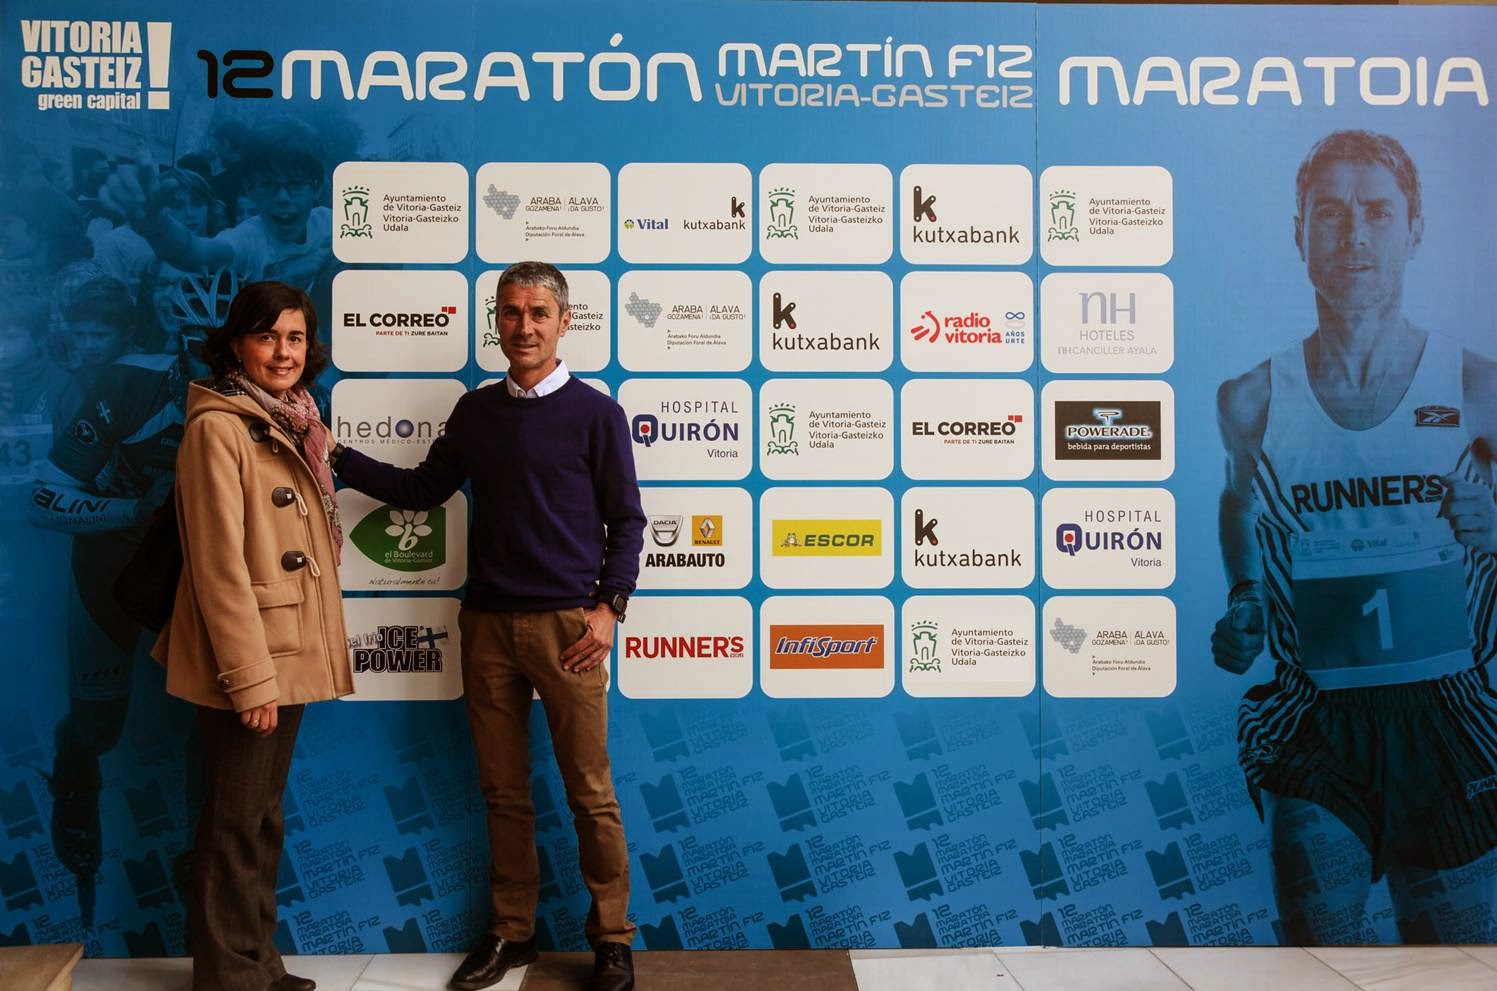 El Boulevard de Vitoria y la Maratón Martín Fiz